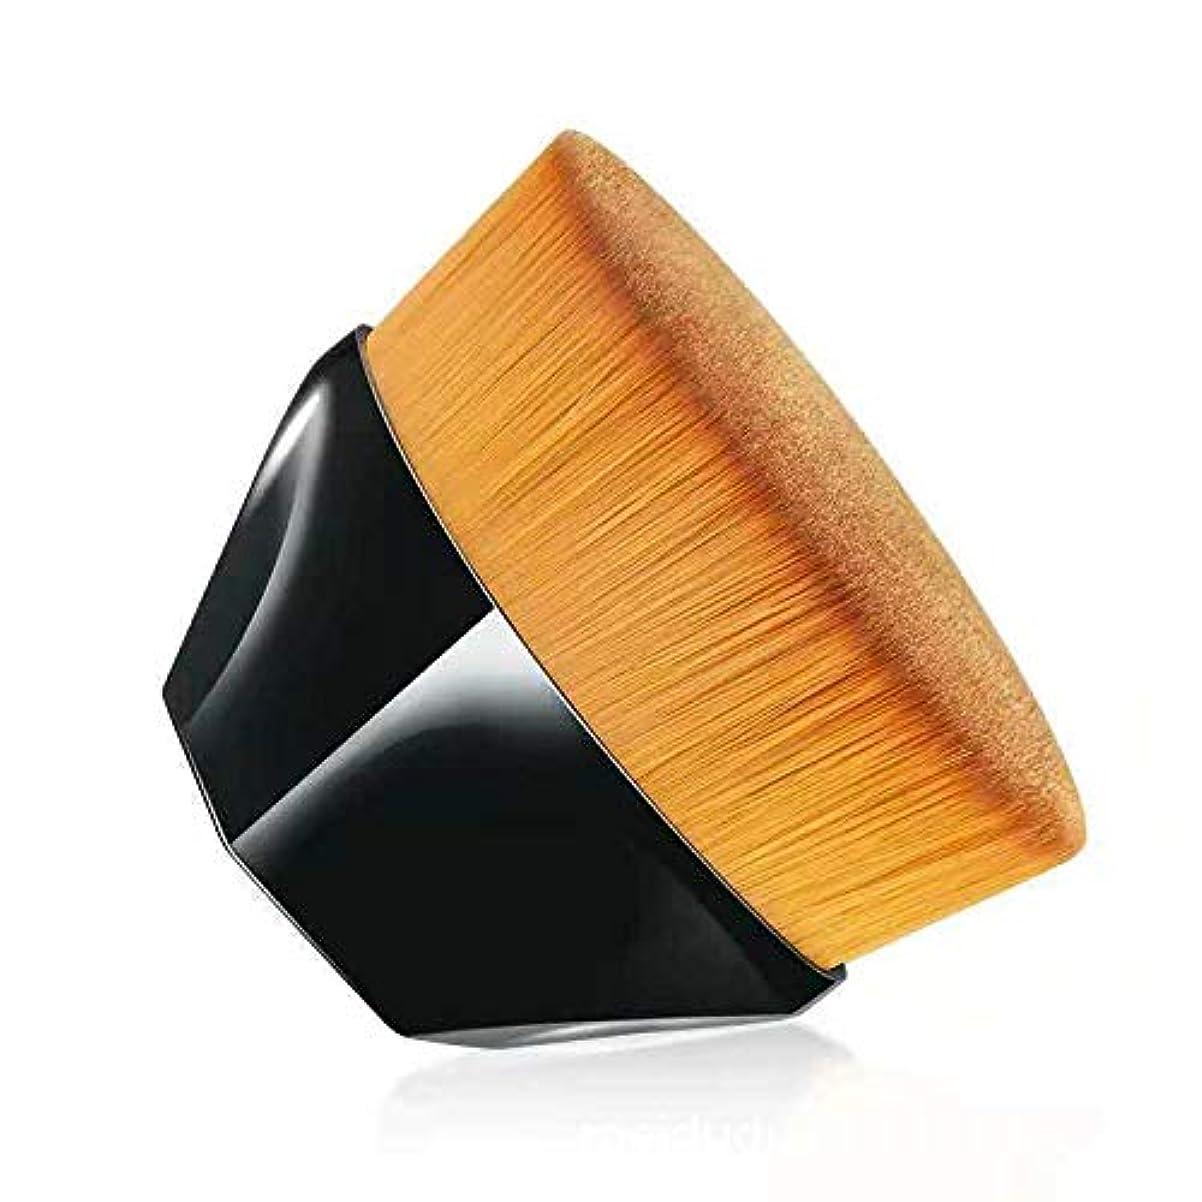 スチュワーデス夕方睡眠柔らかい高級繊維毛化粧ブラシ 携帯便利メイクアップブラシ?肌にやさしいファンデーションブラシ?化粧筆 (ブラック)